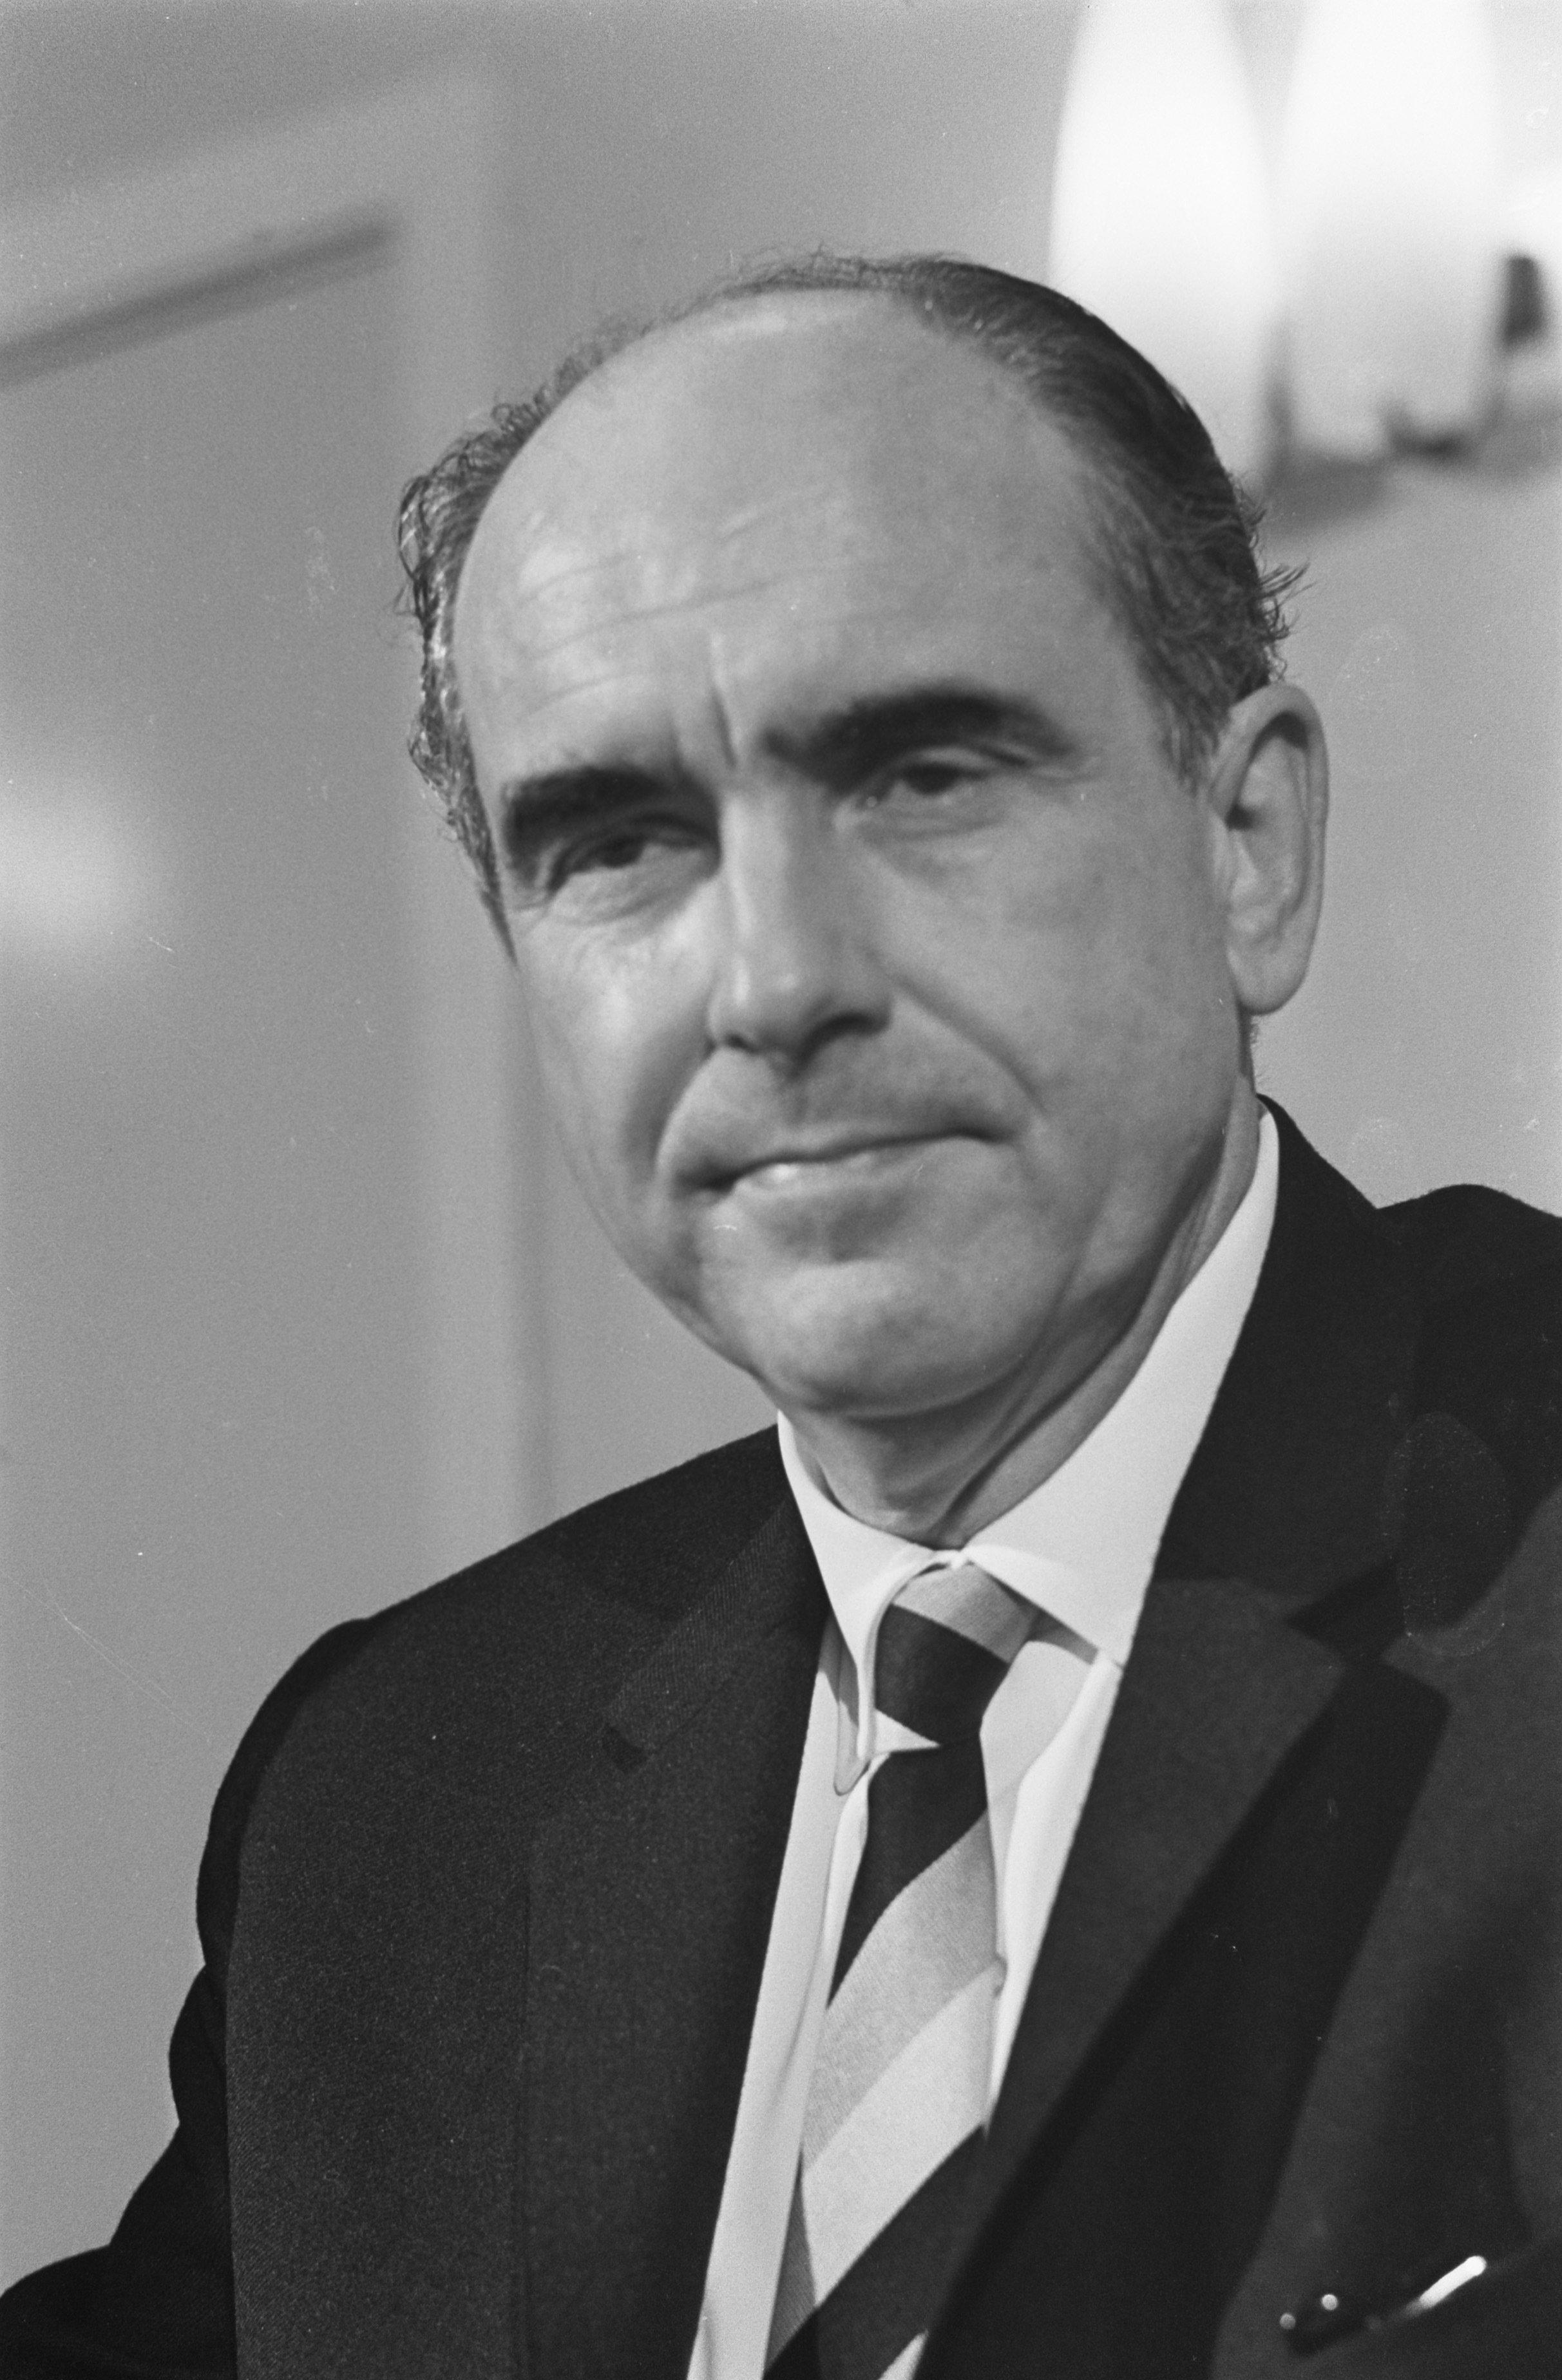 Ανδρέας Παπανδρέου - Βικιπαίδεια